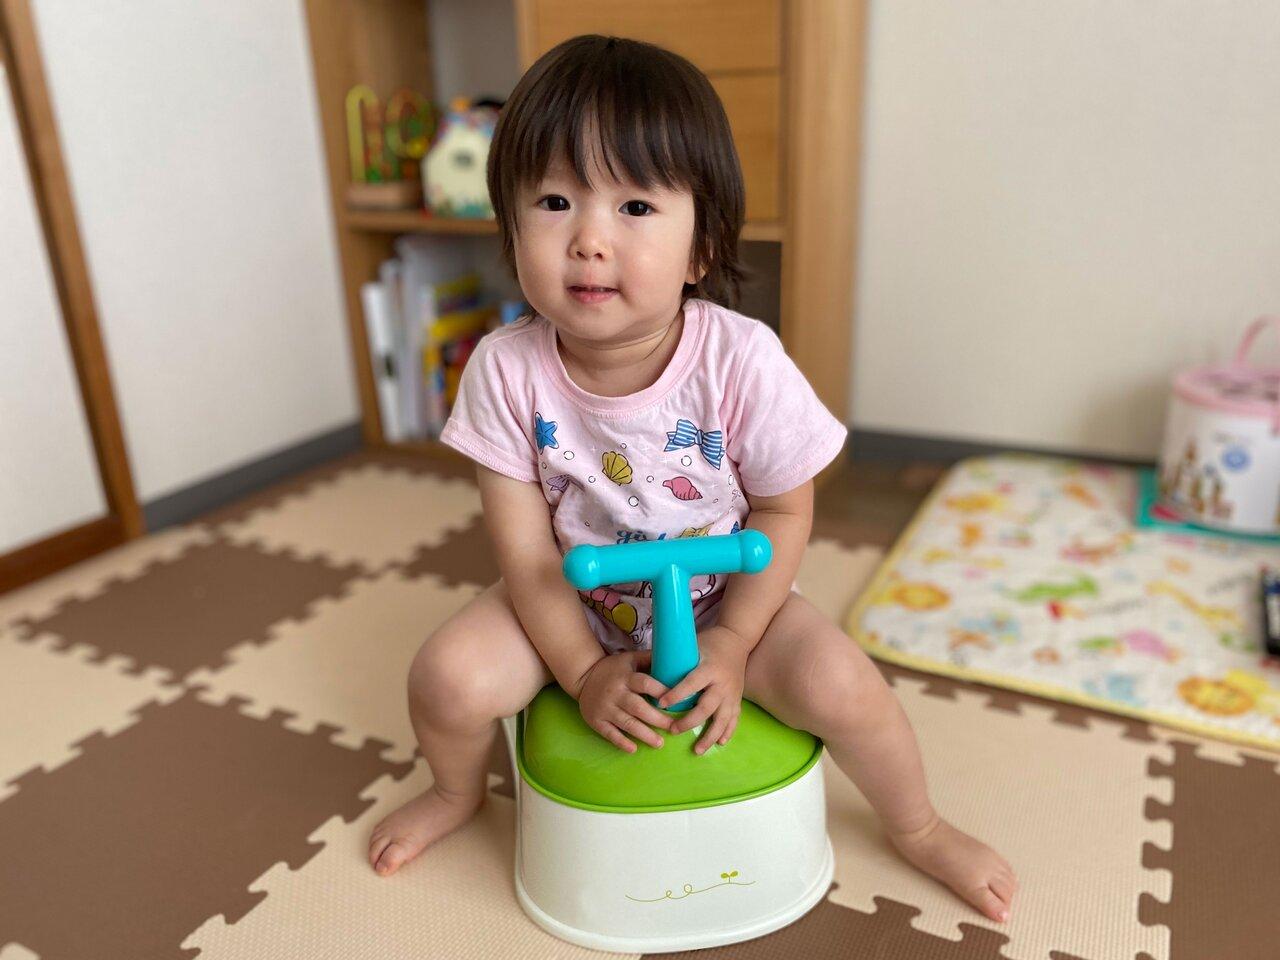 「トイレトレーニングがうまくいきません」子育て相談 モンテッソーリで考えよう!